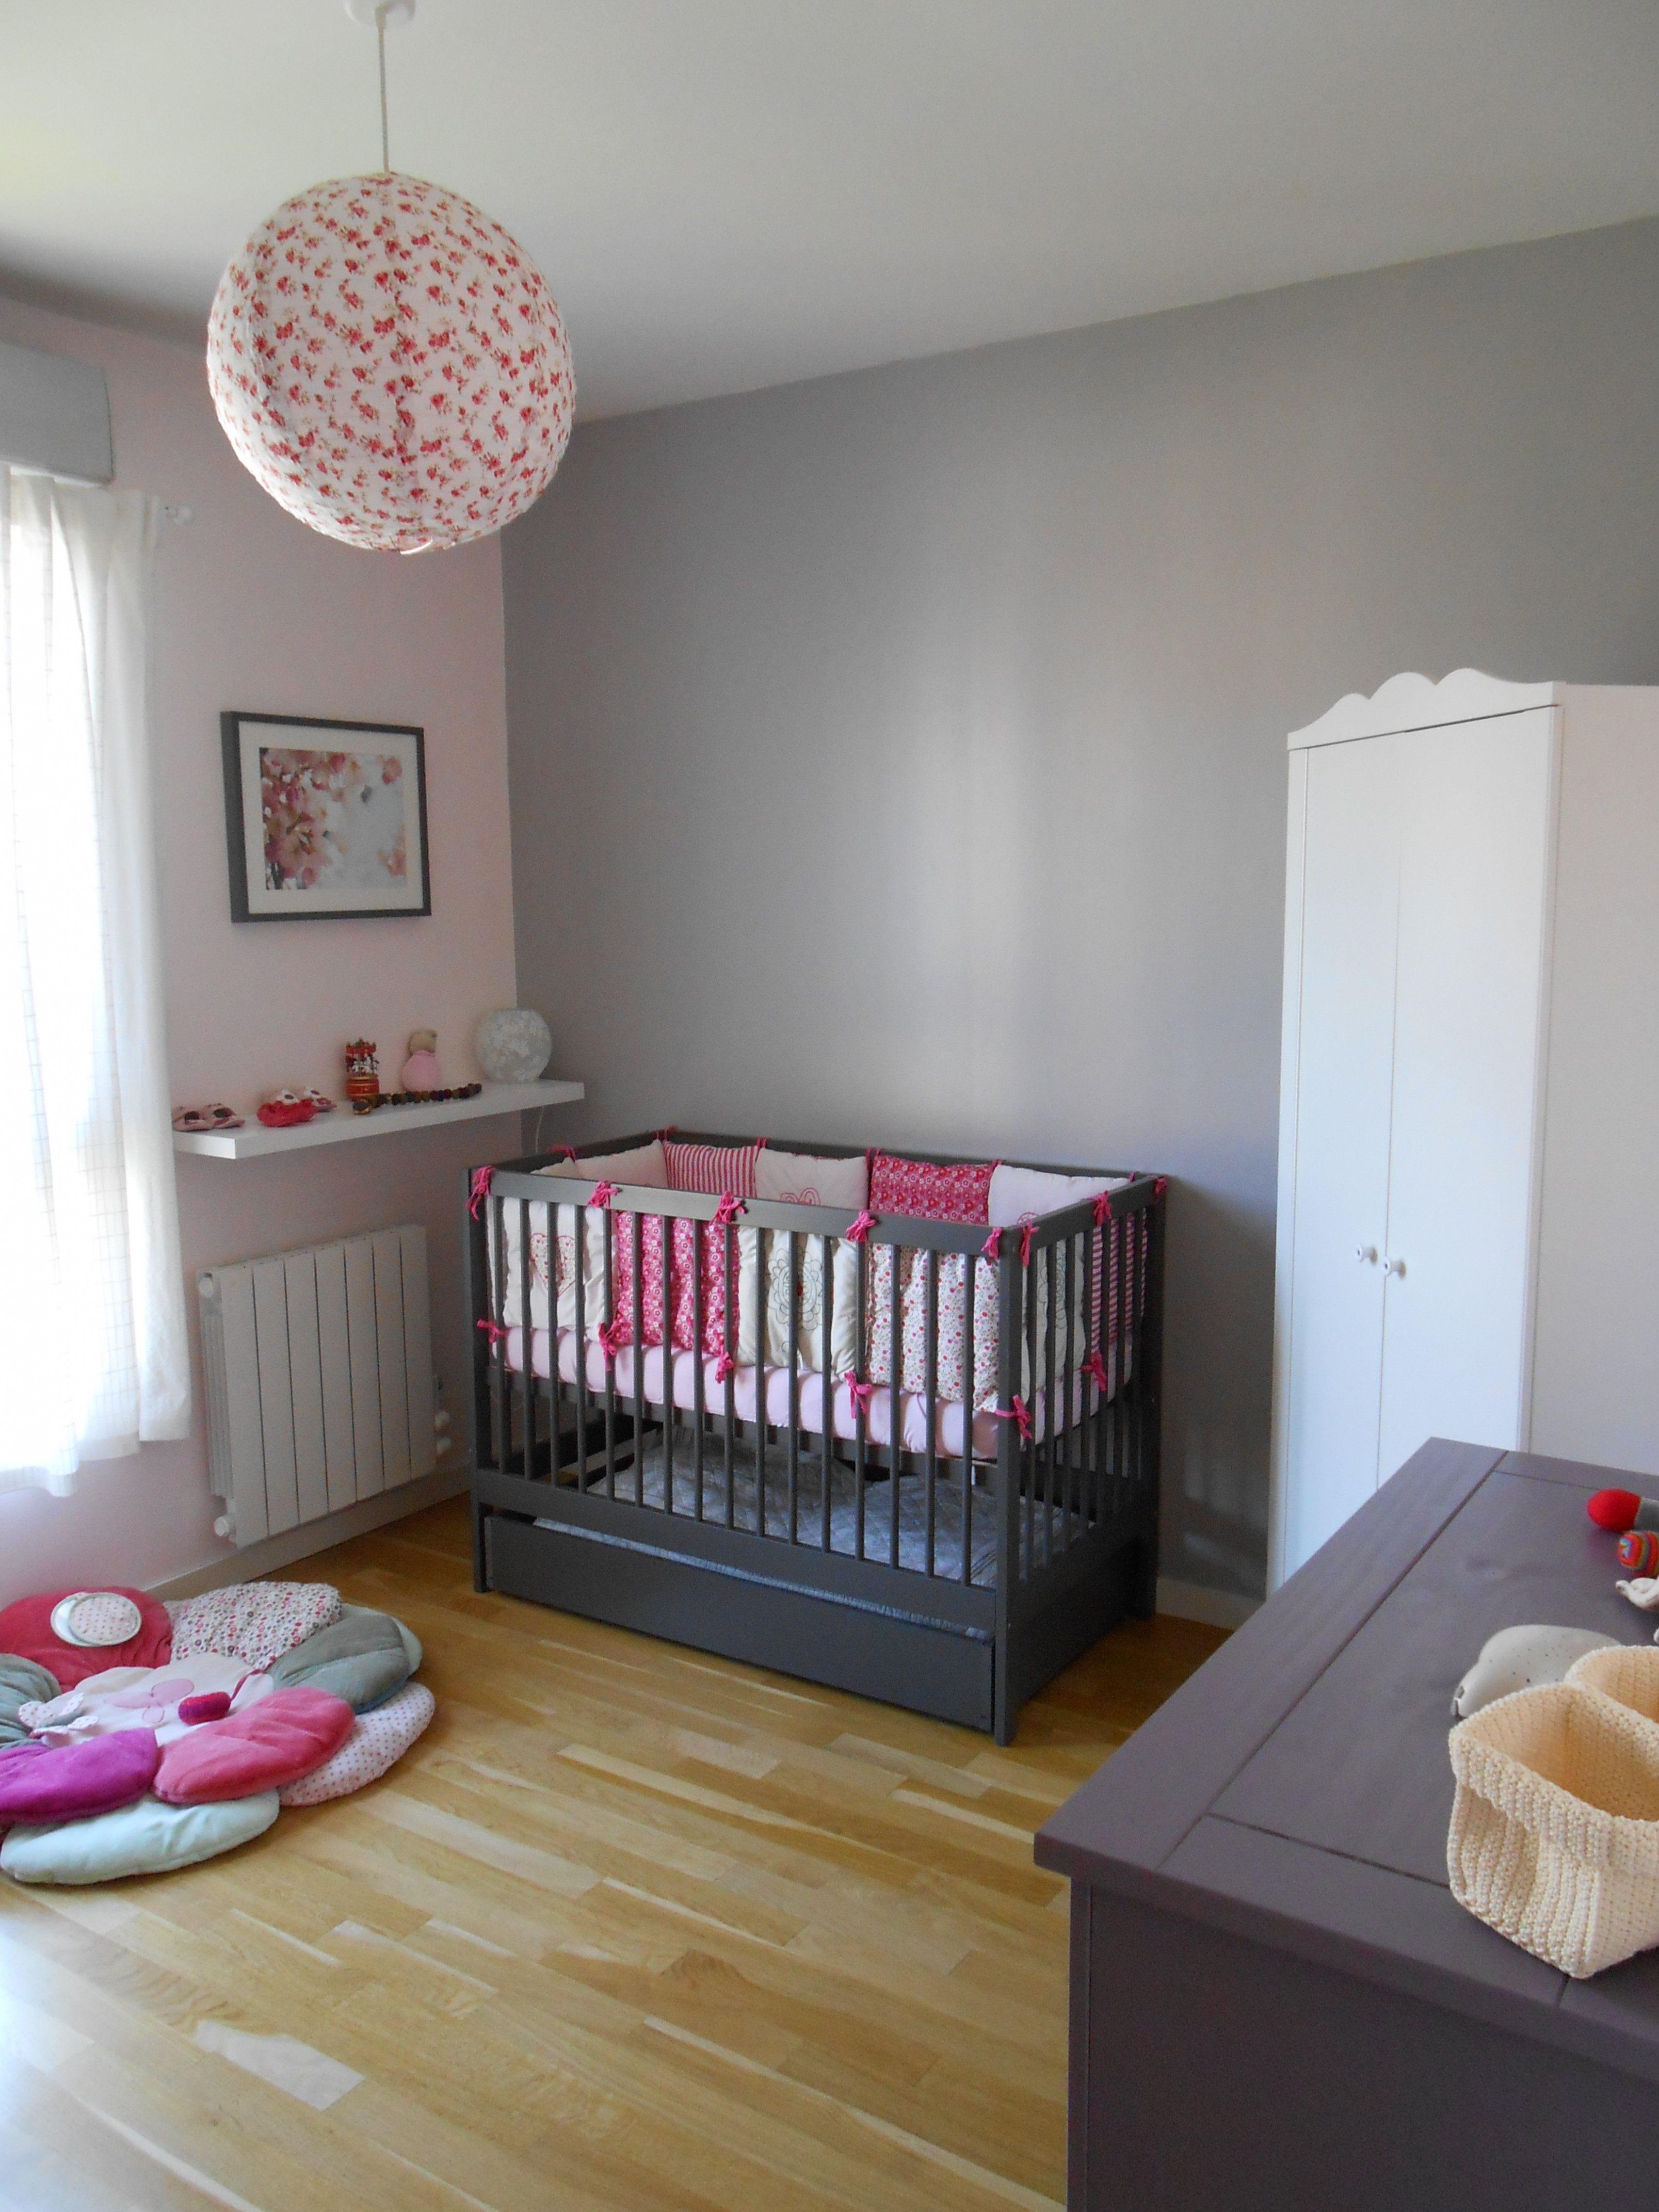 Lit Bébé Berceau Agréable Lesmeubles Meuble Chambre Bébé — Lesmeubles